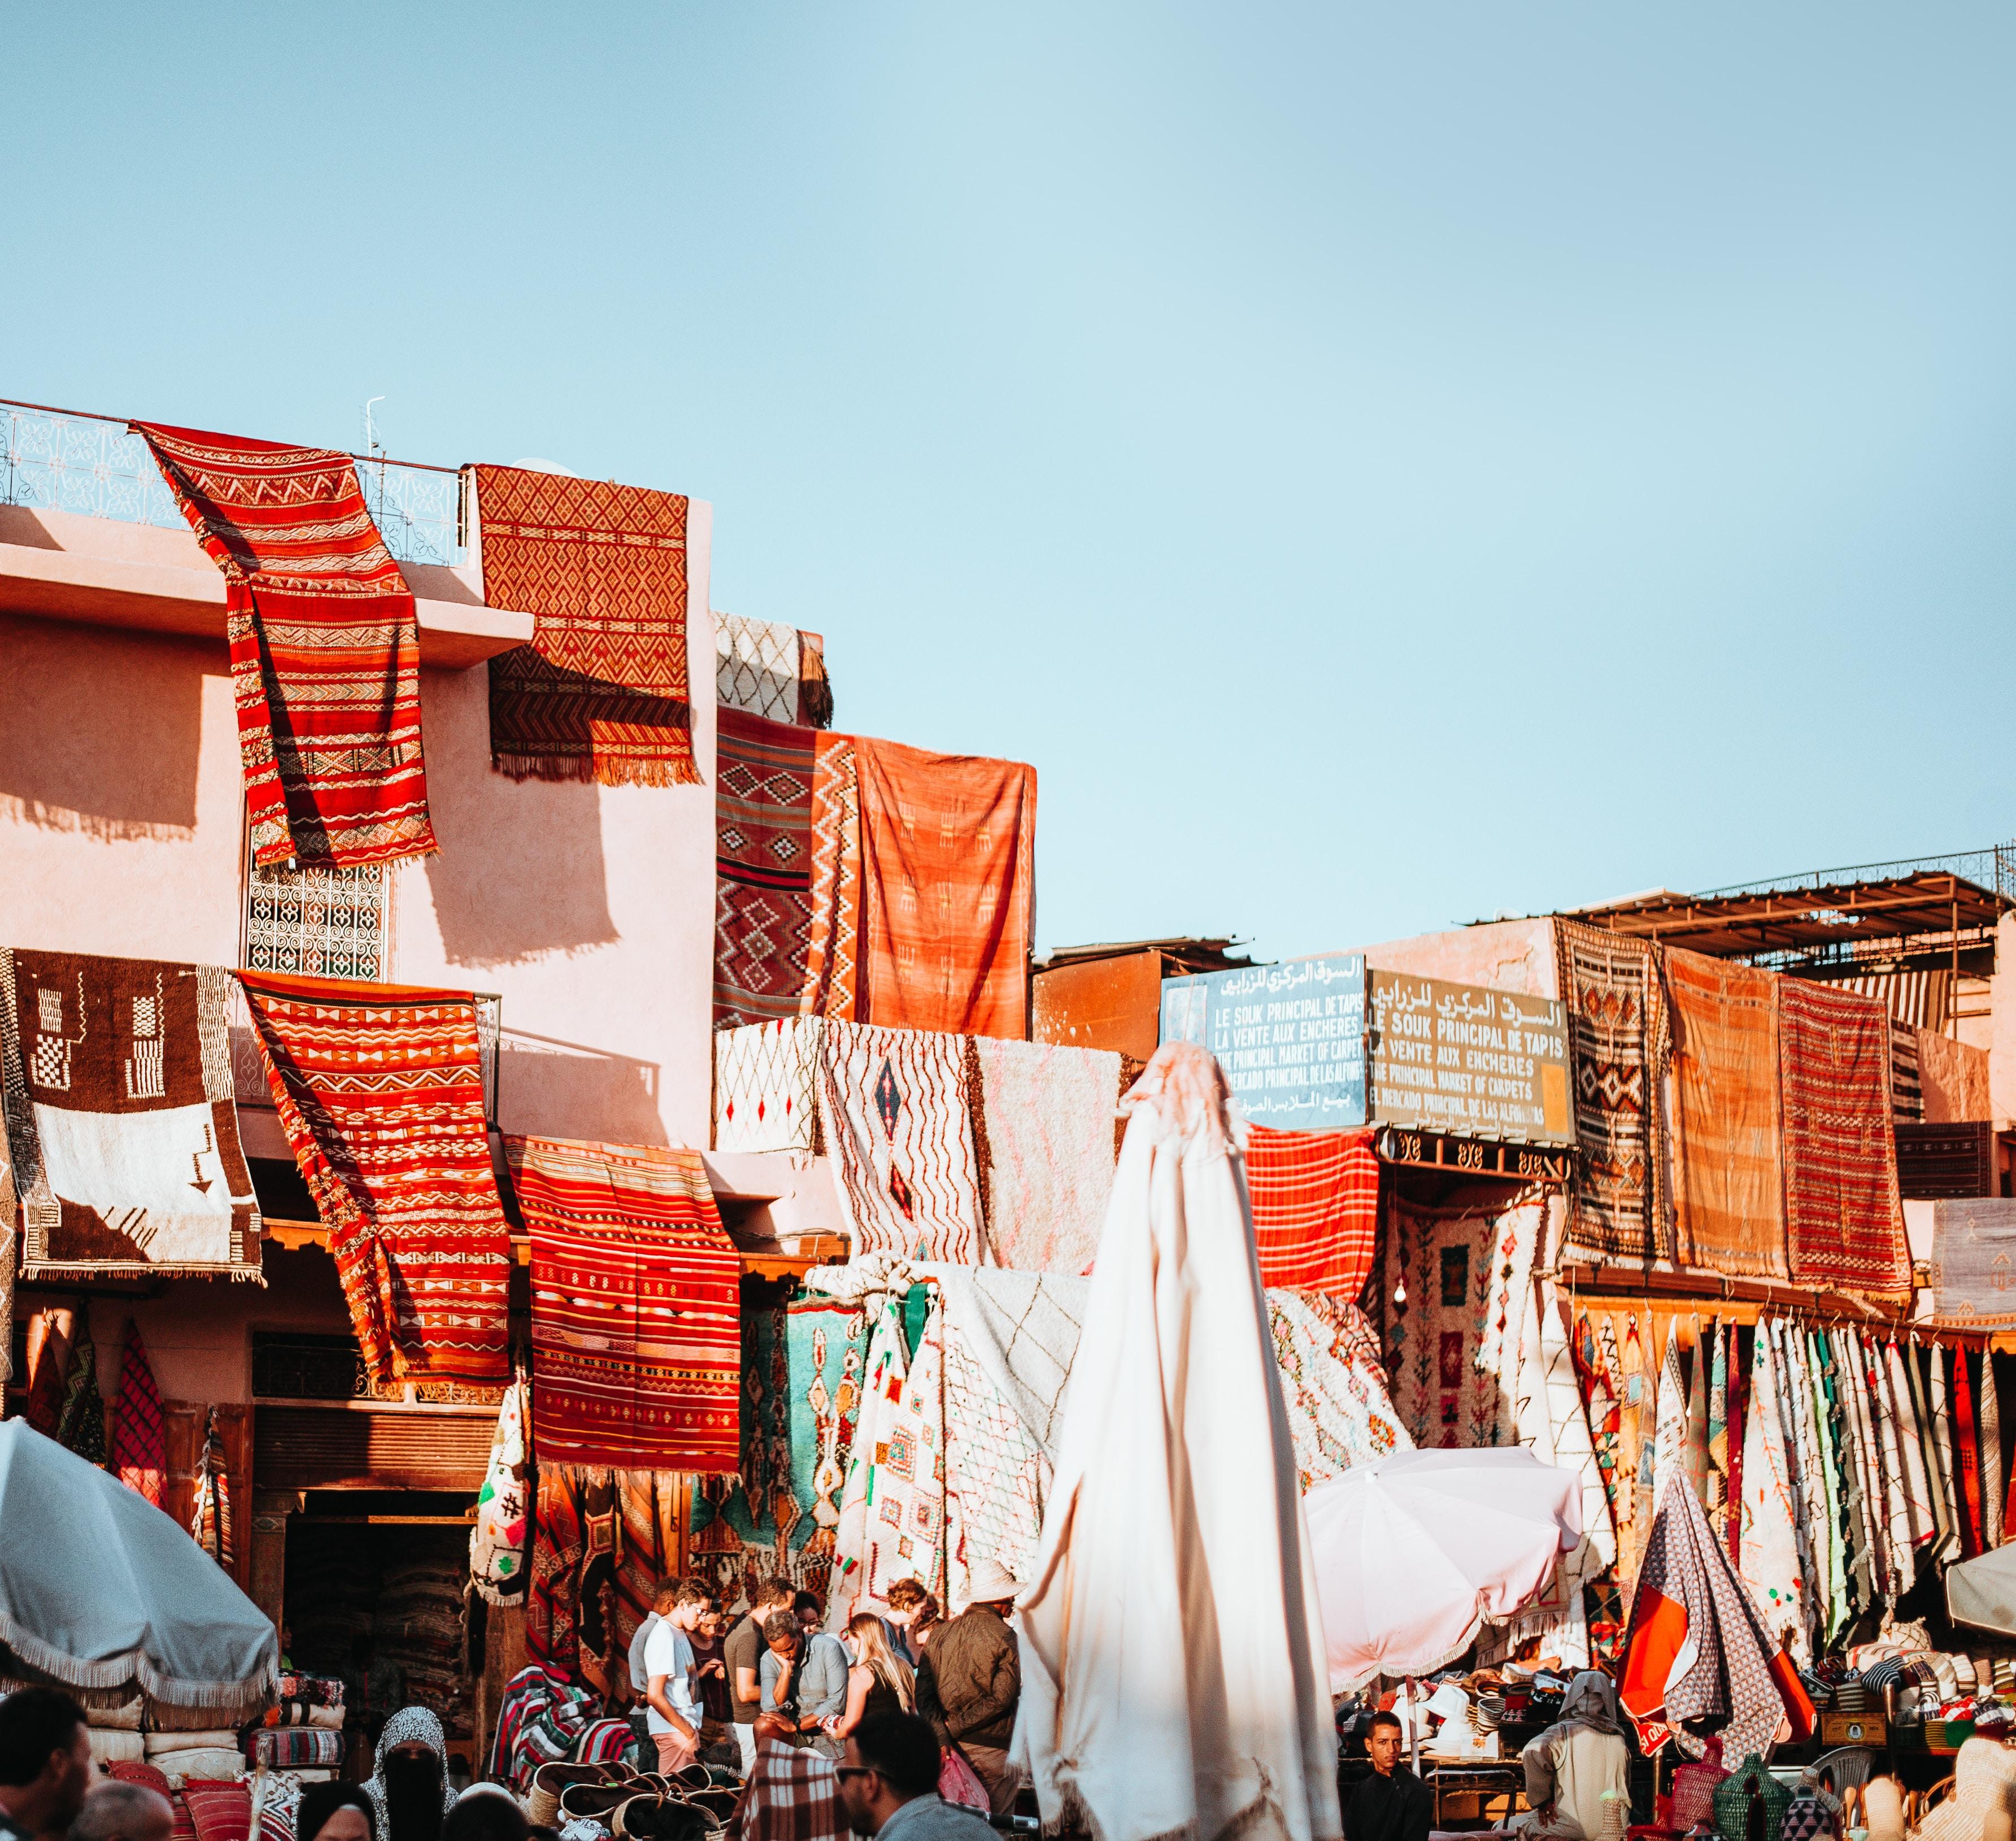 <pre></noscript>Los mejores consejos para visitar Marruecos